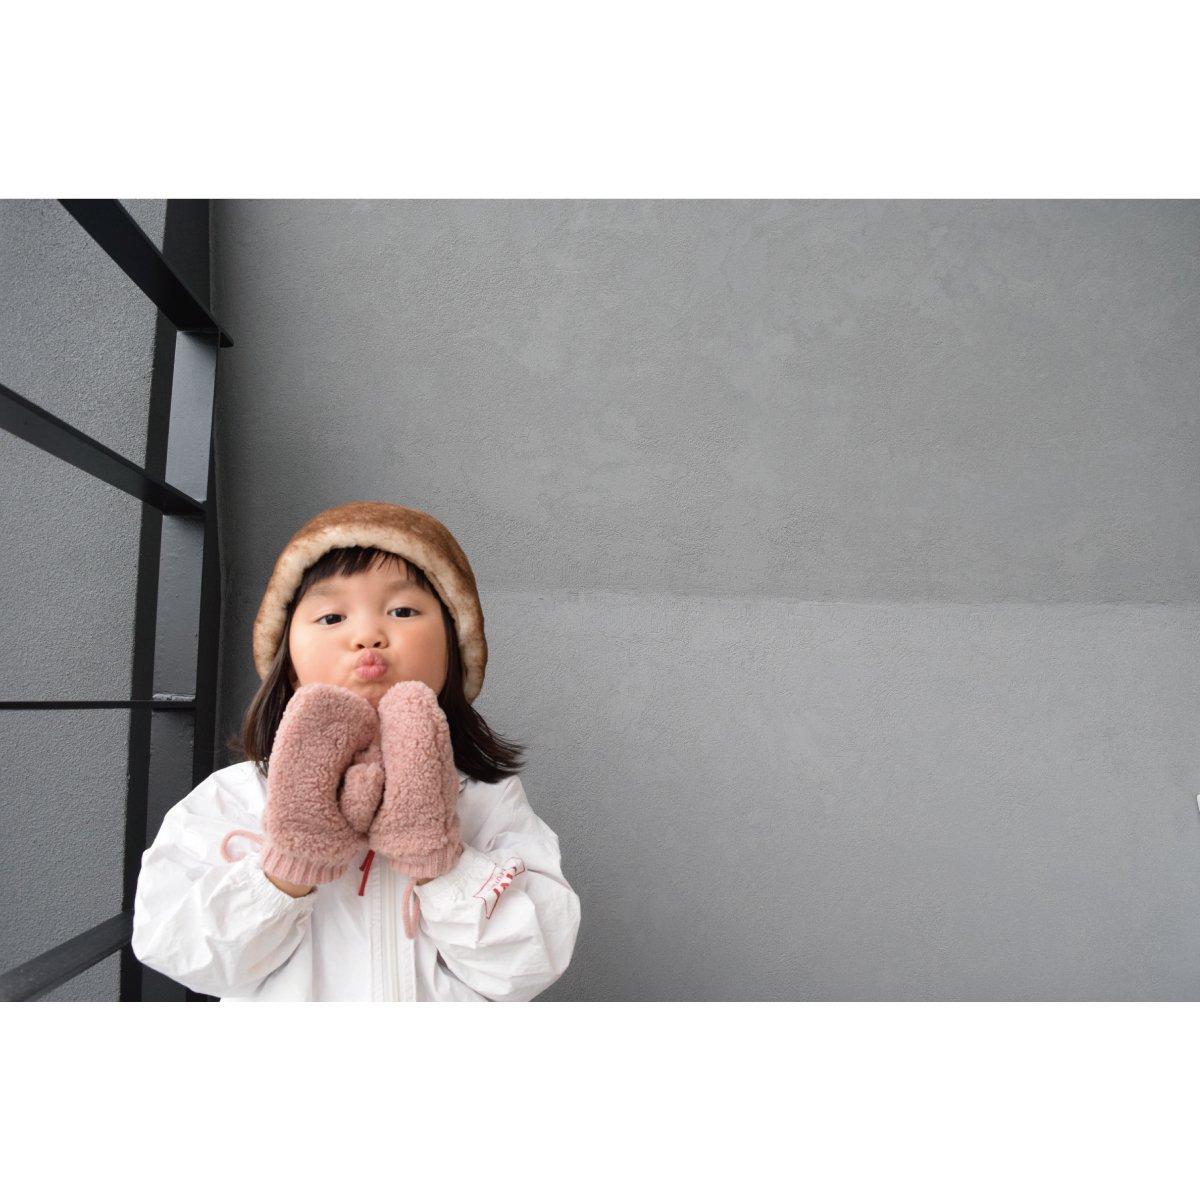 【KIDS】Boa Mittens 詳細画像5